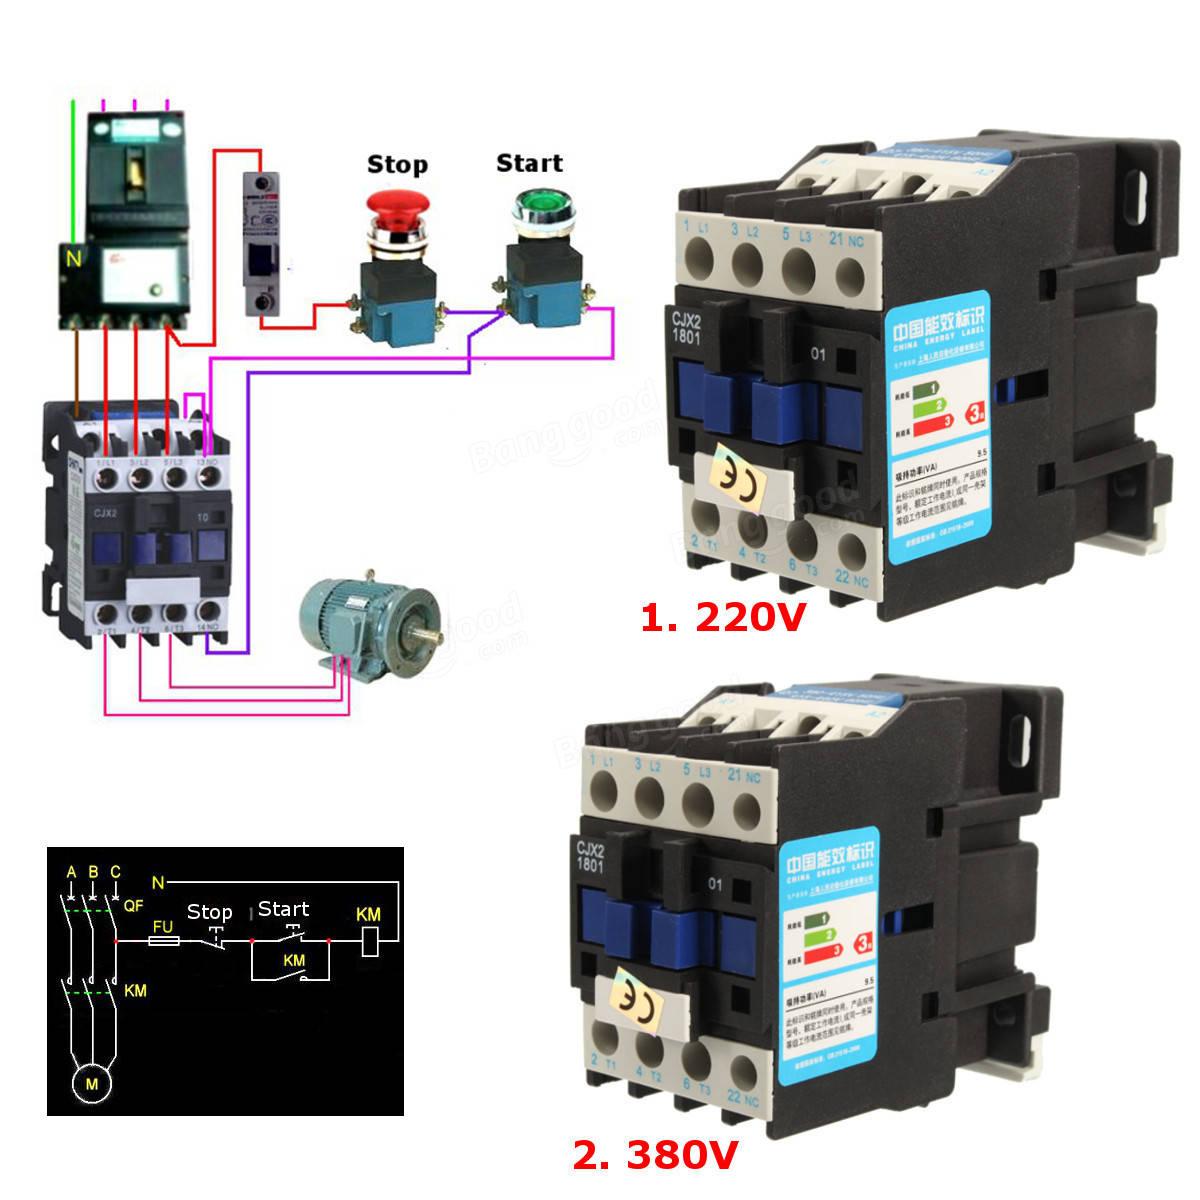 CJX AC VV A Contactor Motor Starter Relay  POLE - Relay coil voltage 220v